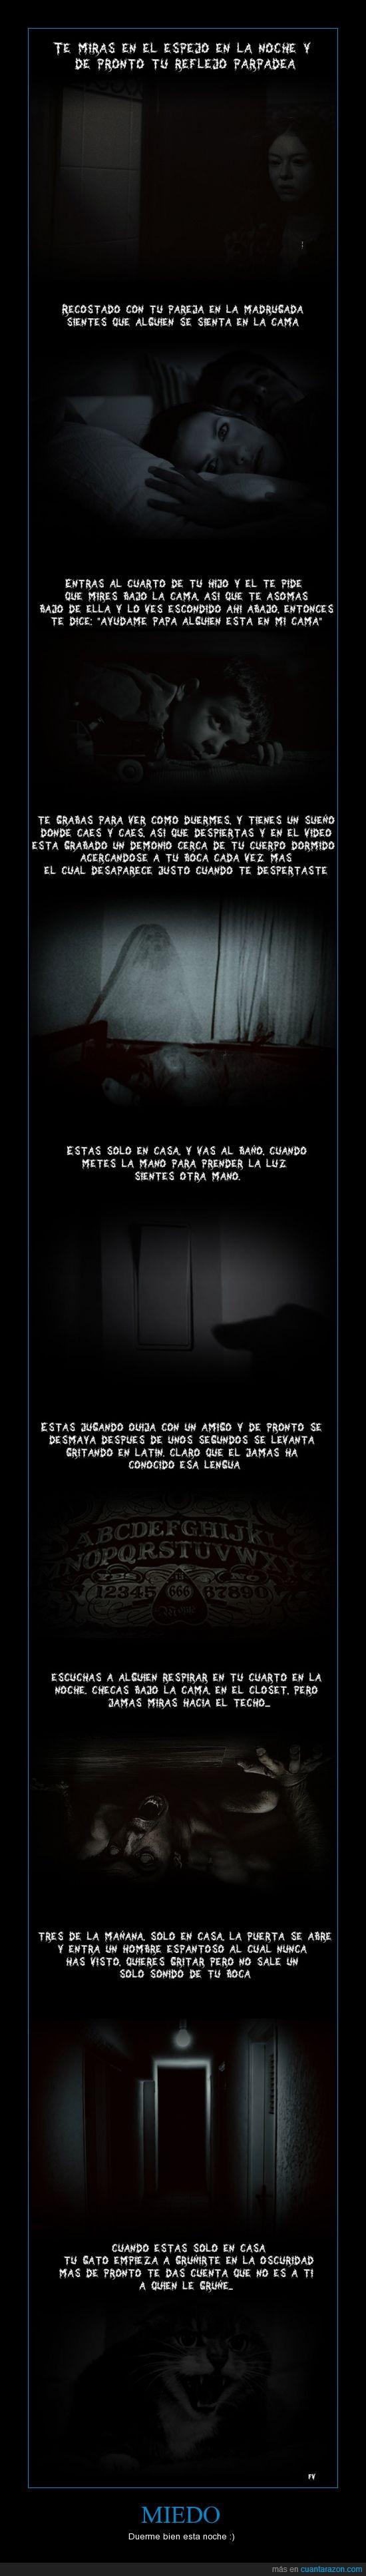 aligualduermo,cama,debajo,espejo,miedo,montruos,terror